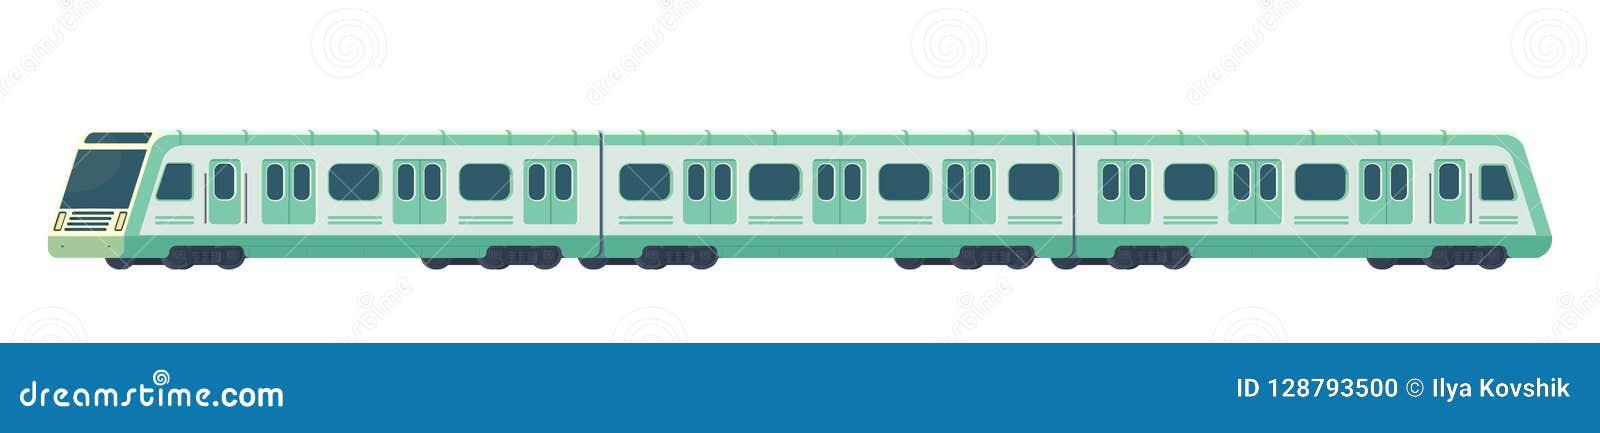 Train à grande vitesse électrique moderne de Passanger Transport ferroviaire de souterrain ou de métro Illustration souterraine d